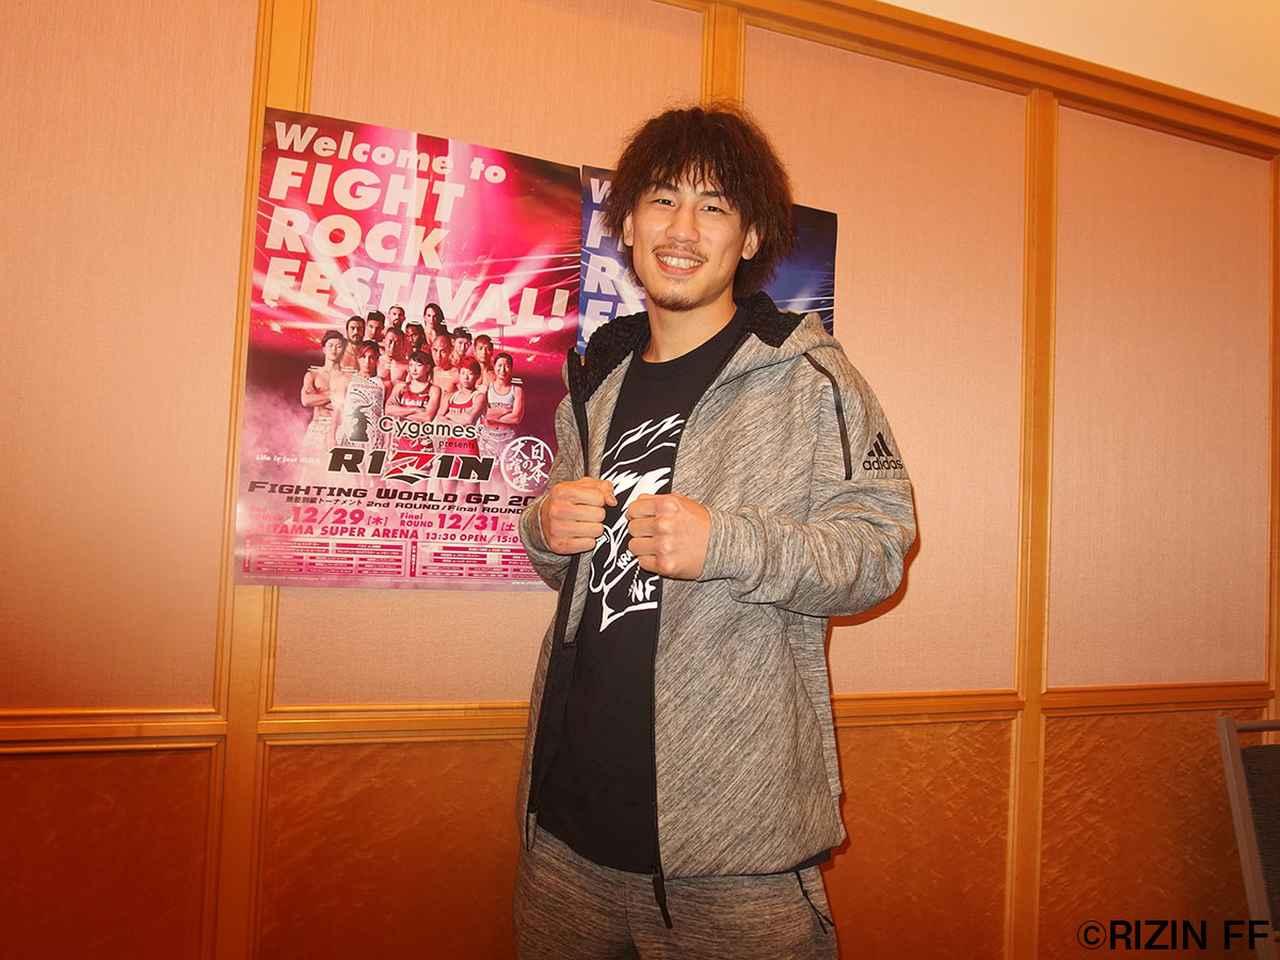 画像: 「リアルな日本の総合格闘技を見せられると思うんで、本当の格闘技の試合を見せつつ、楽しく、祭りらしくっていう試合をしたいですね」